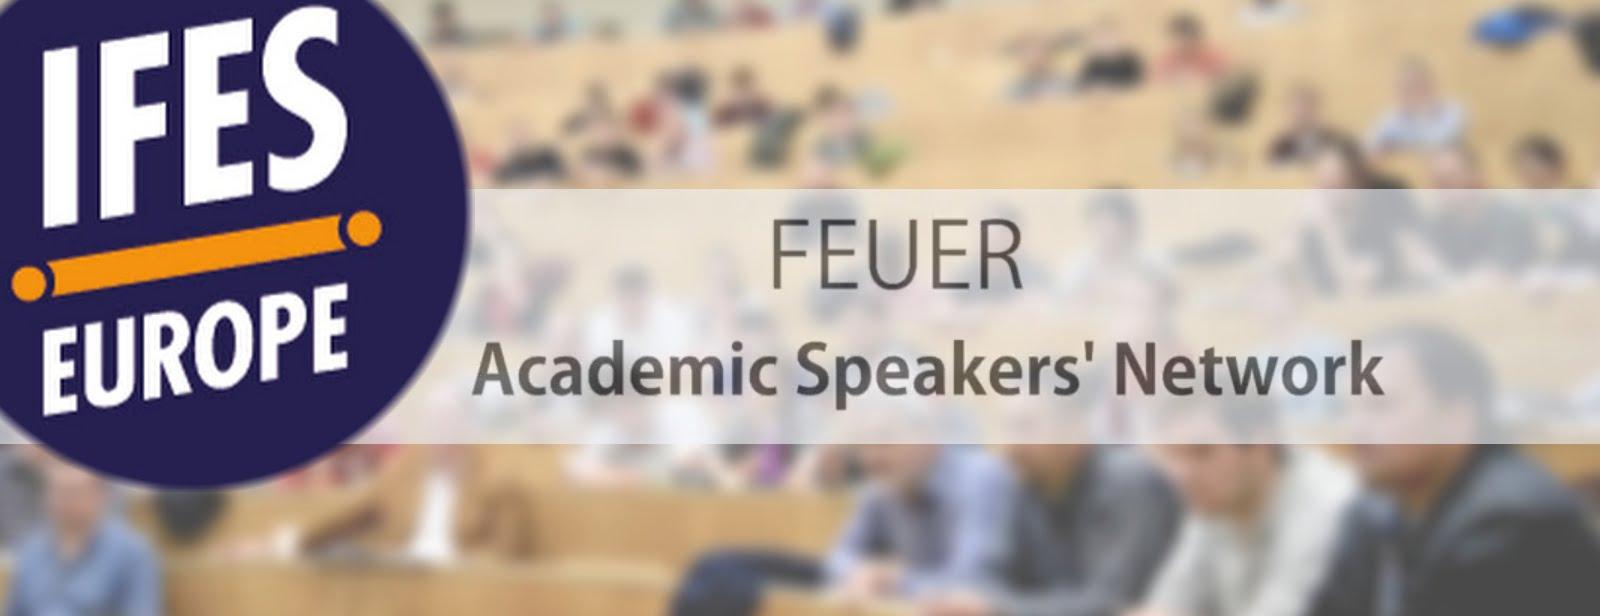 Petit retour sur la conférence FEUER (Rassemblement des universitaires européens chrétiens)